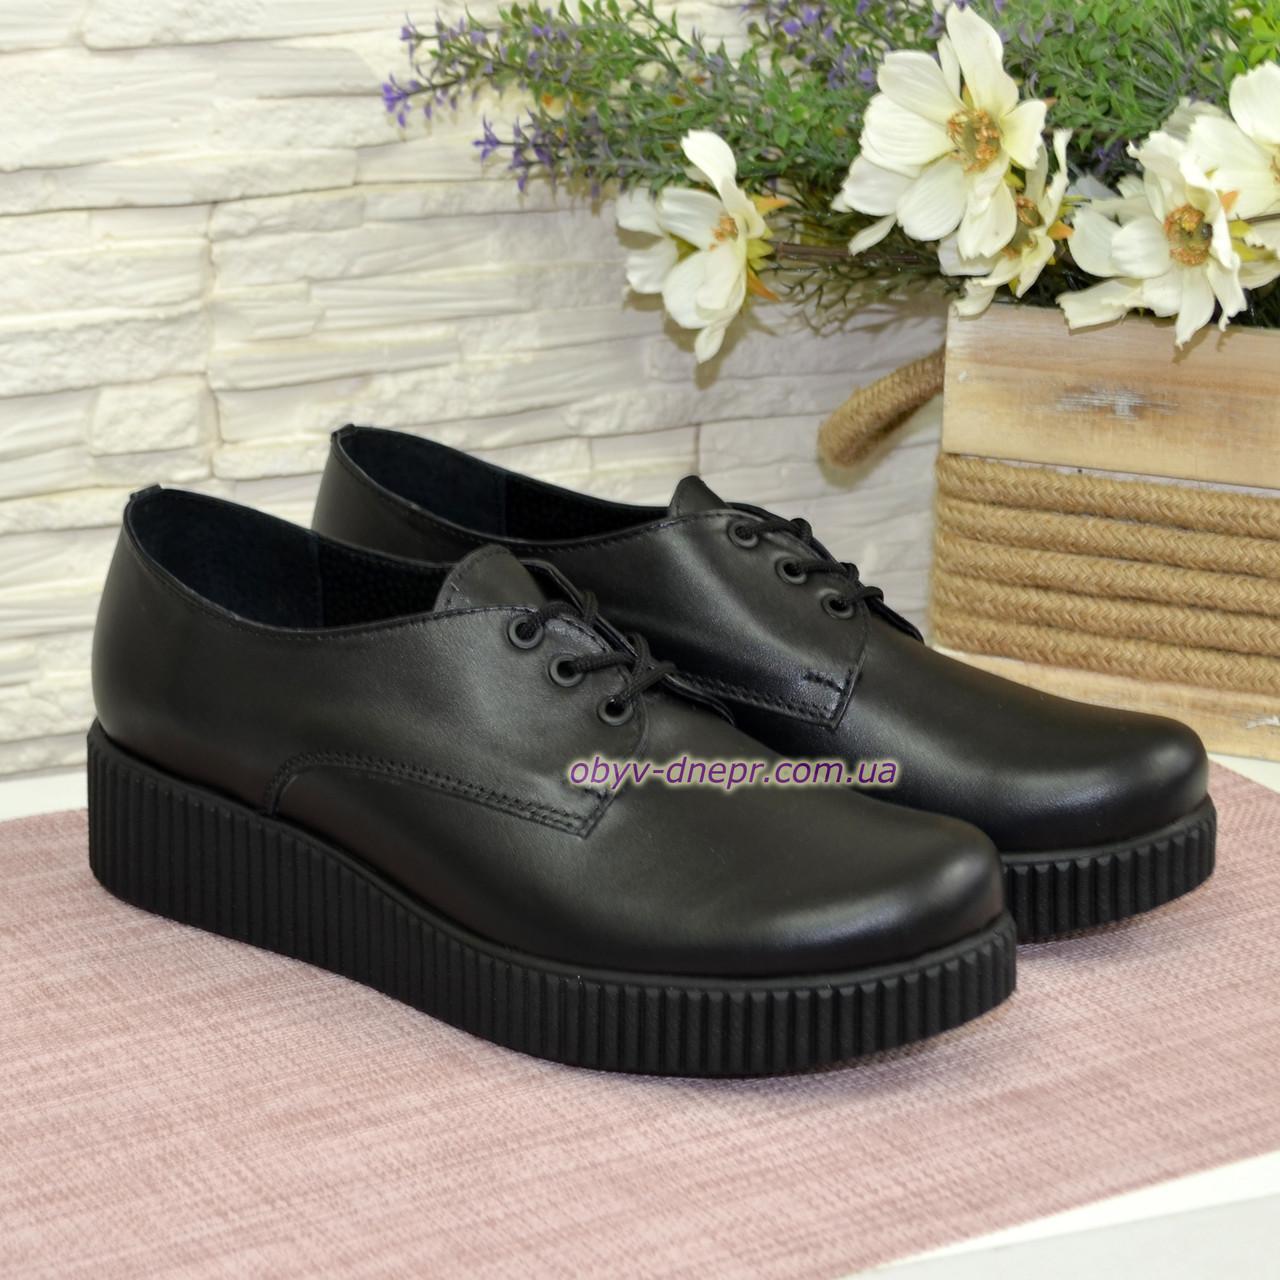 Женские кожаные туфли на утолщенной подошве, на шнуровке